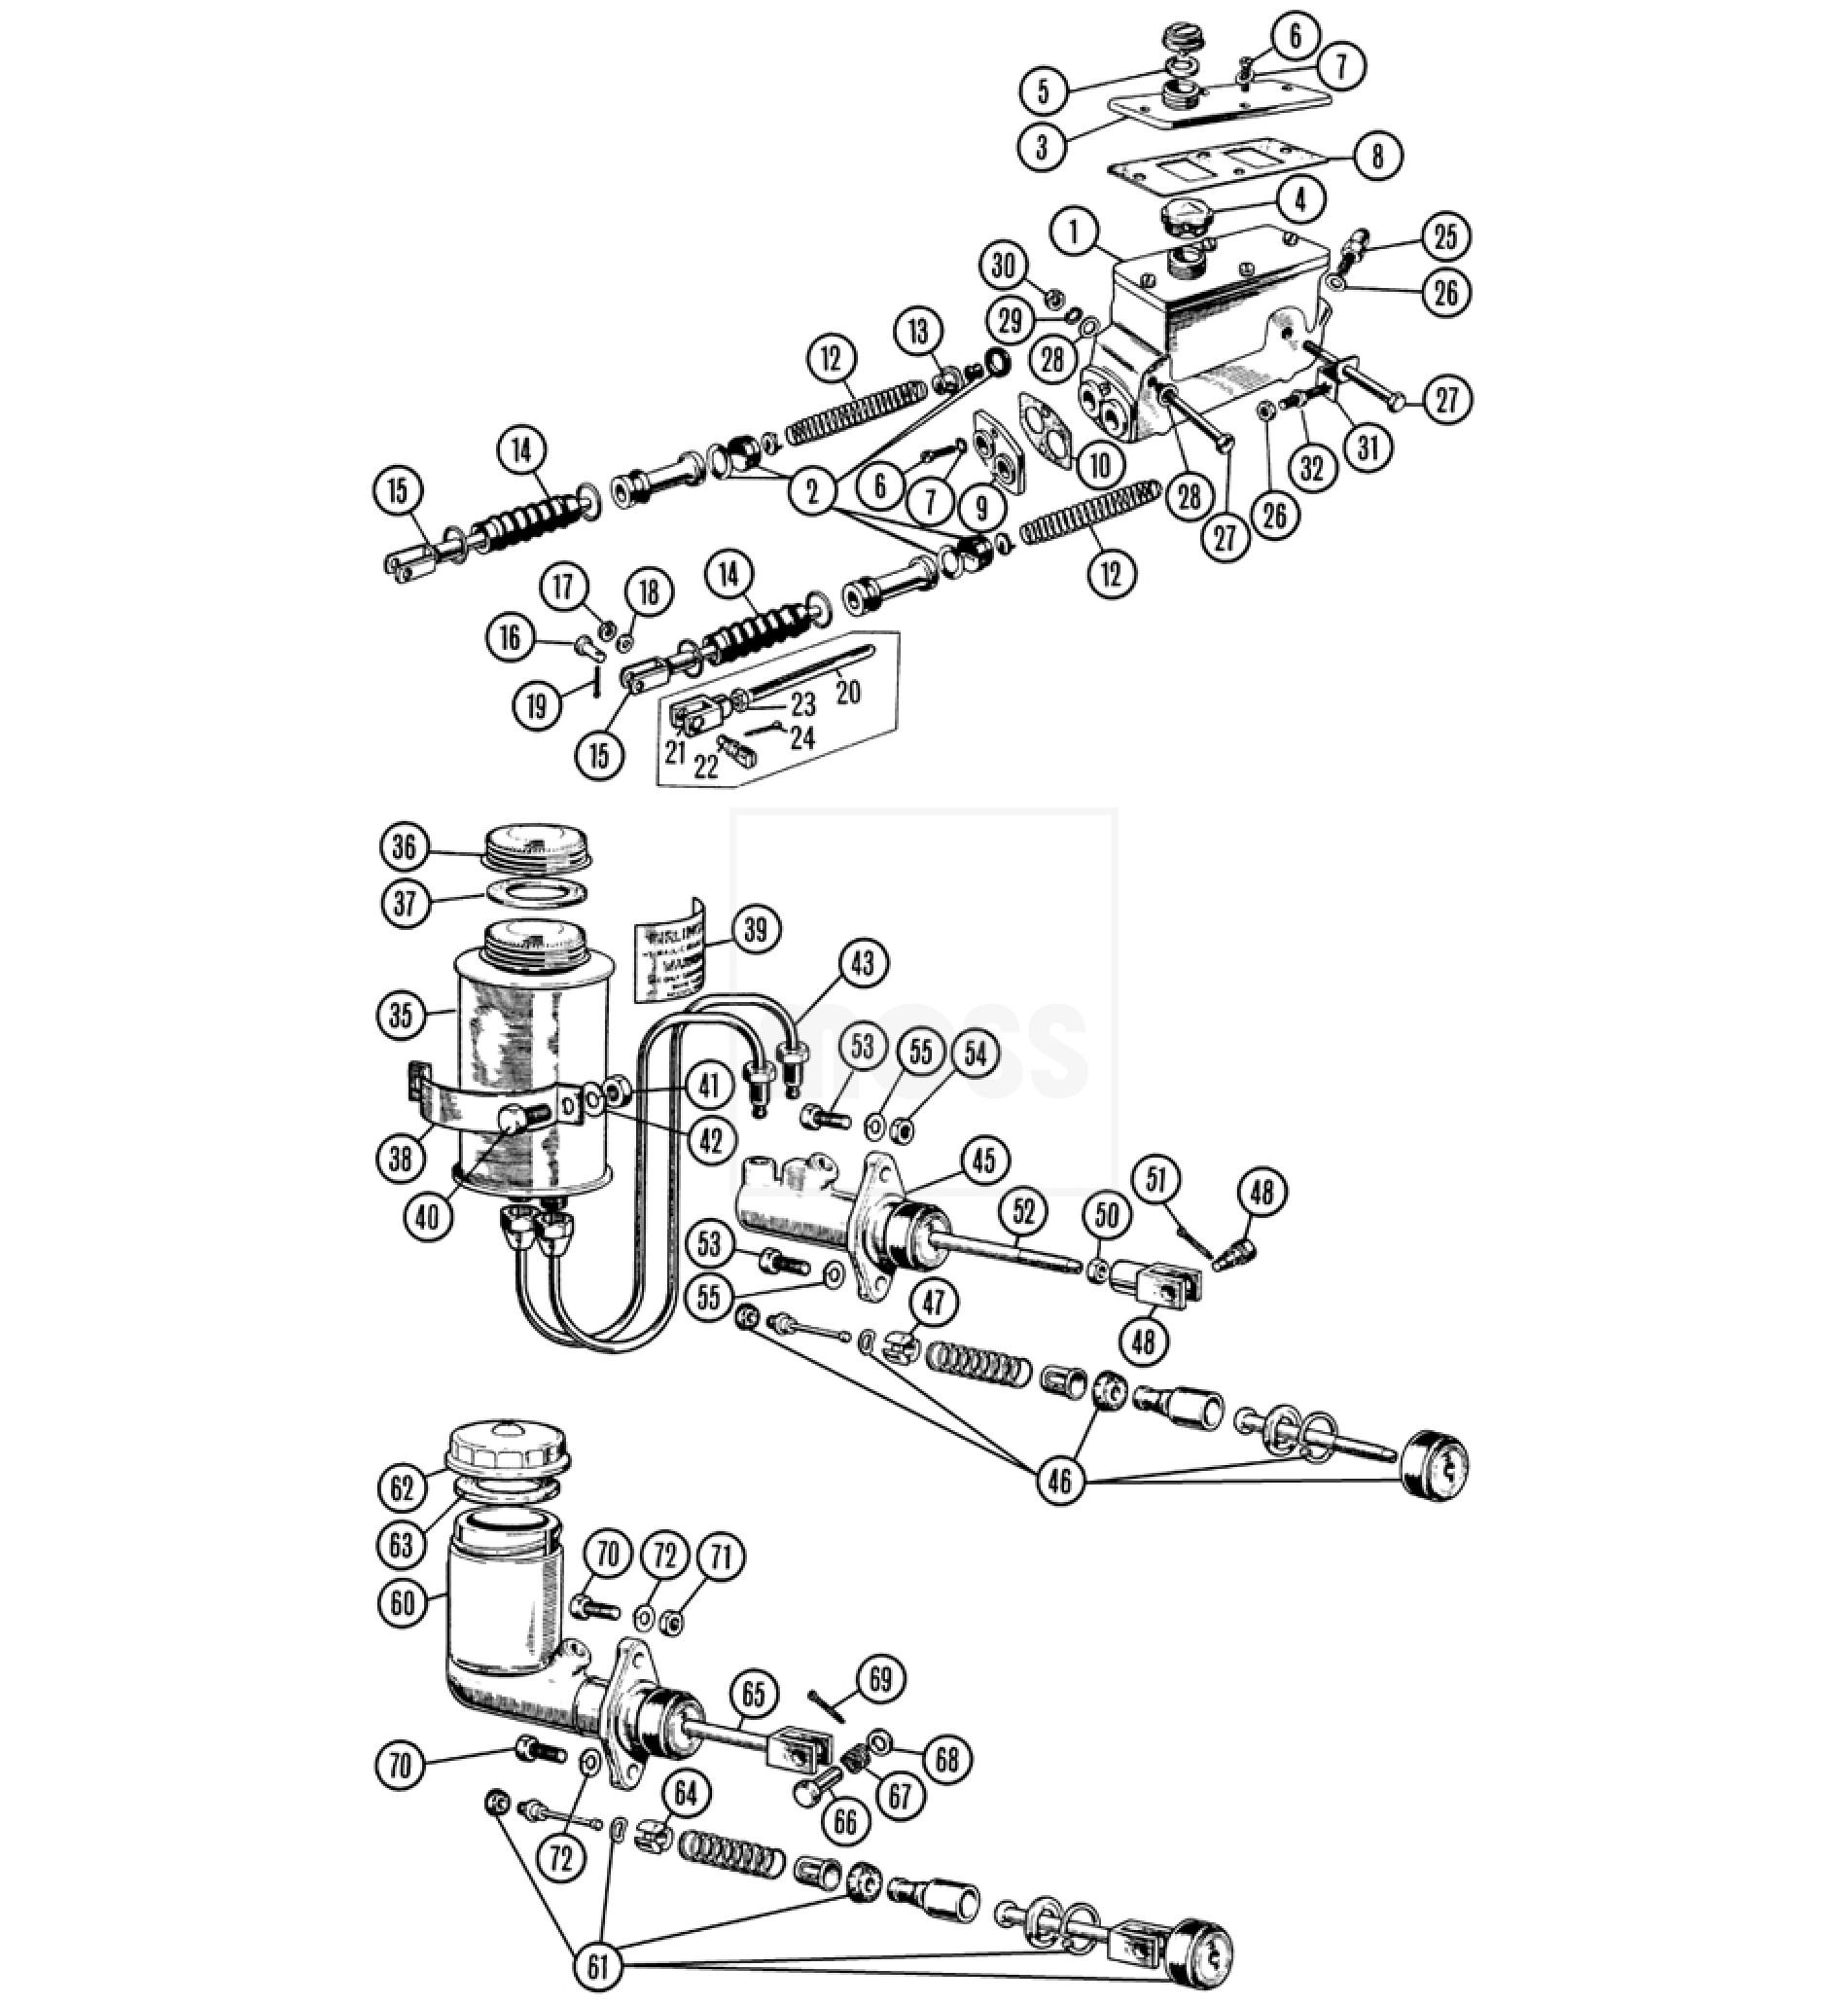 Brake Hydraulics: TR2-4A